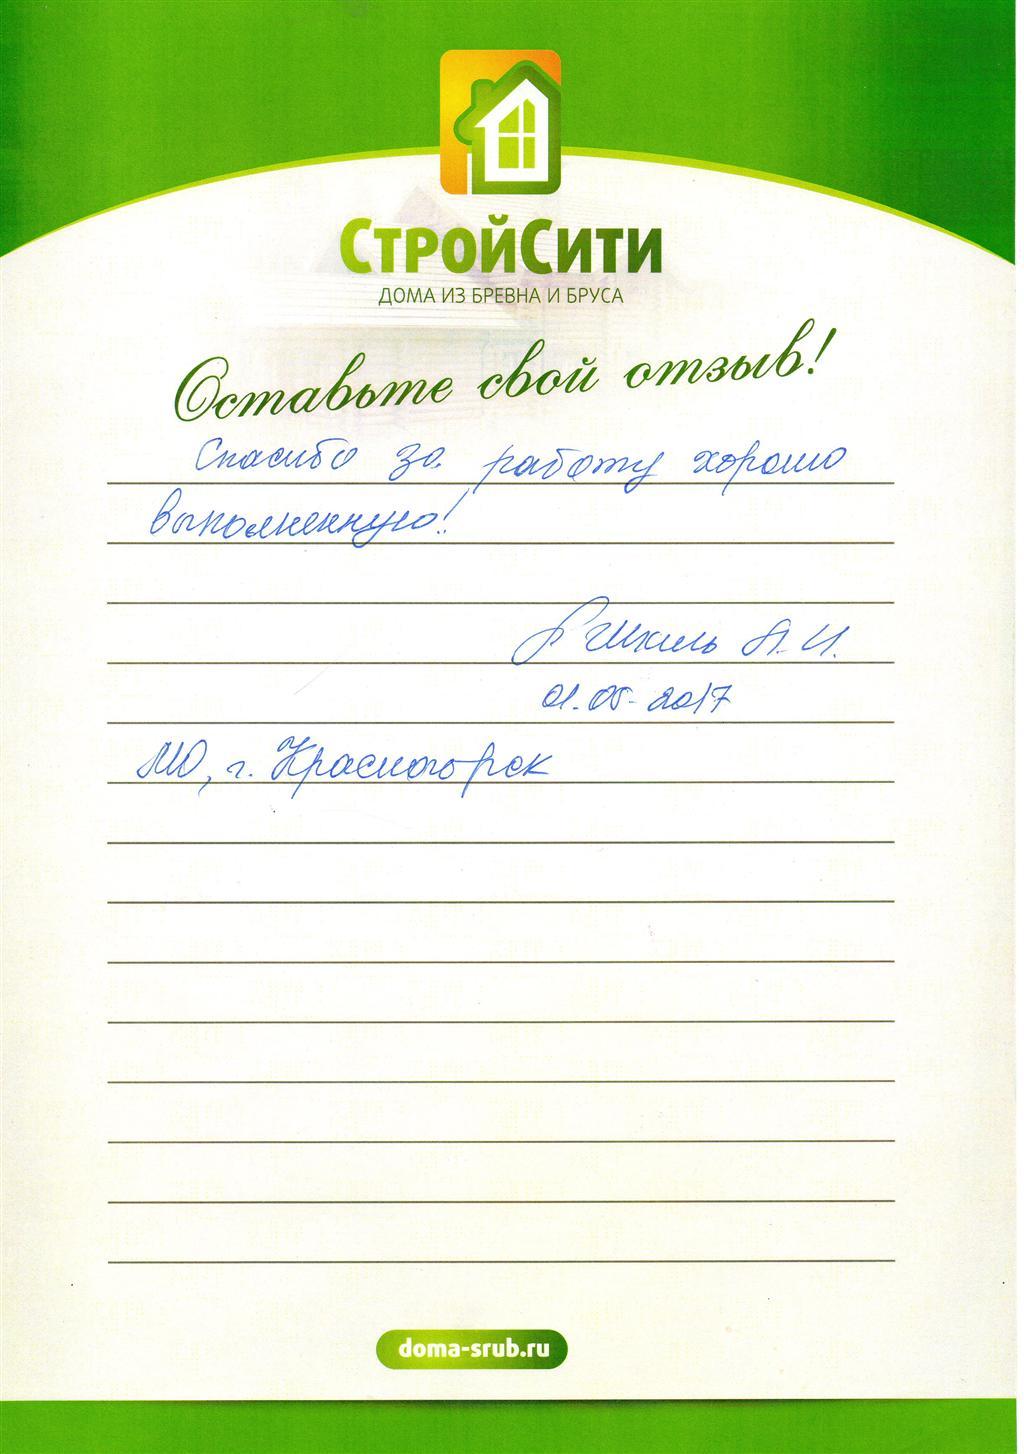 Дом 2017 Красногорск